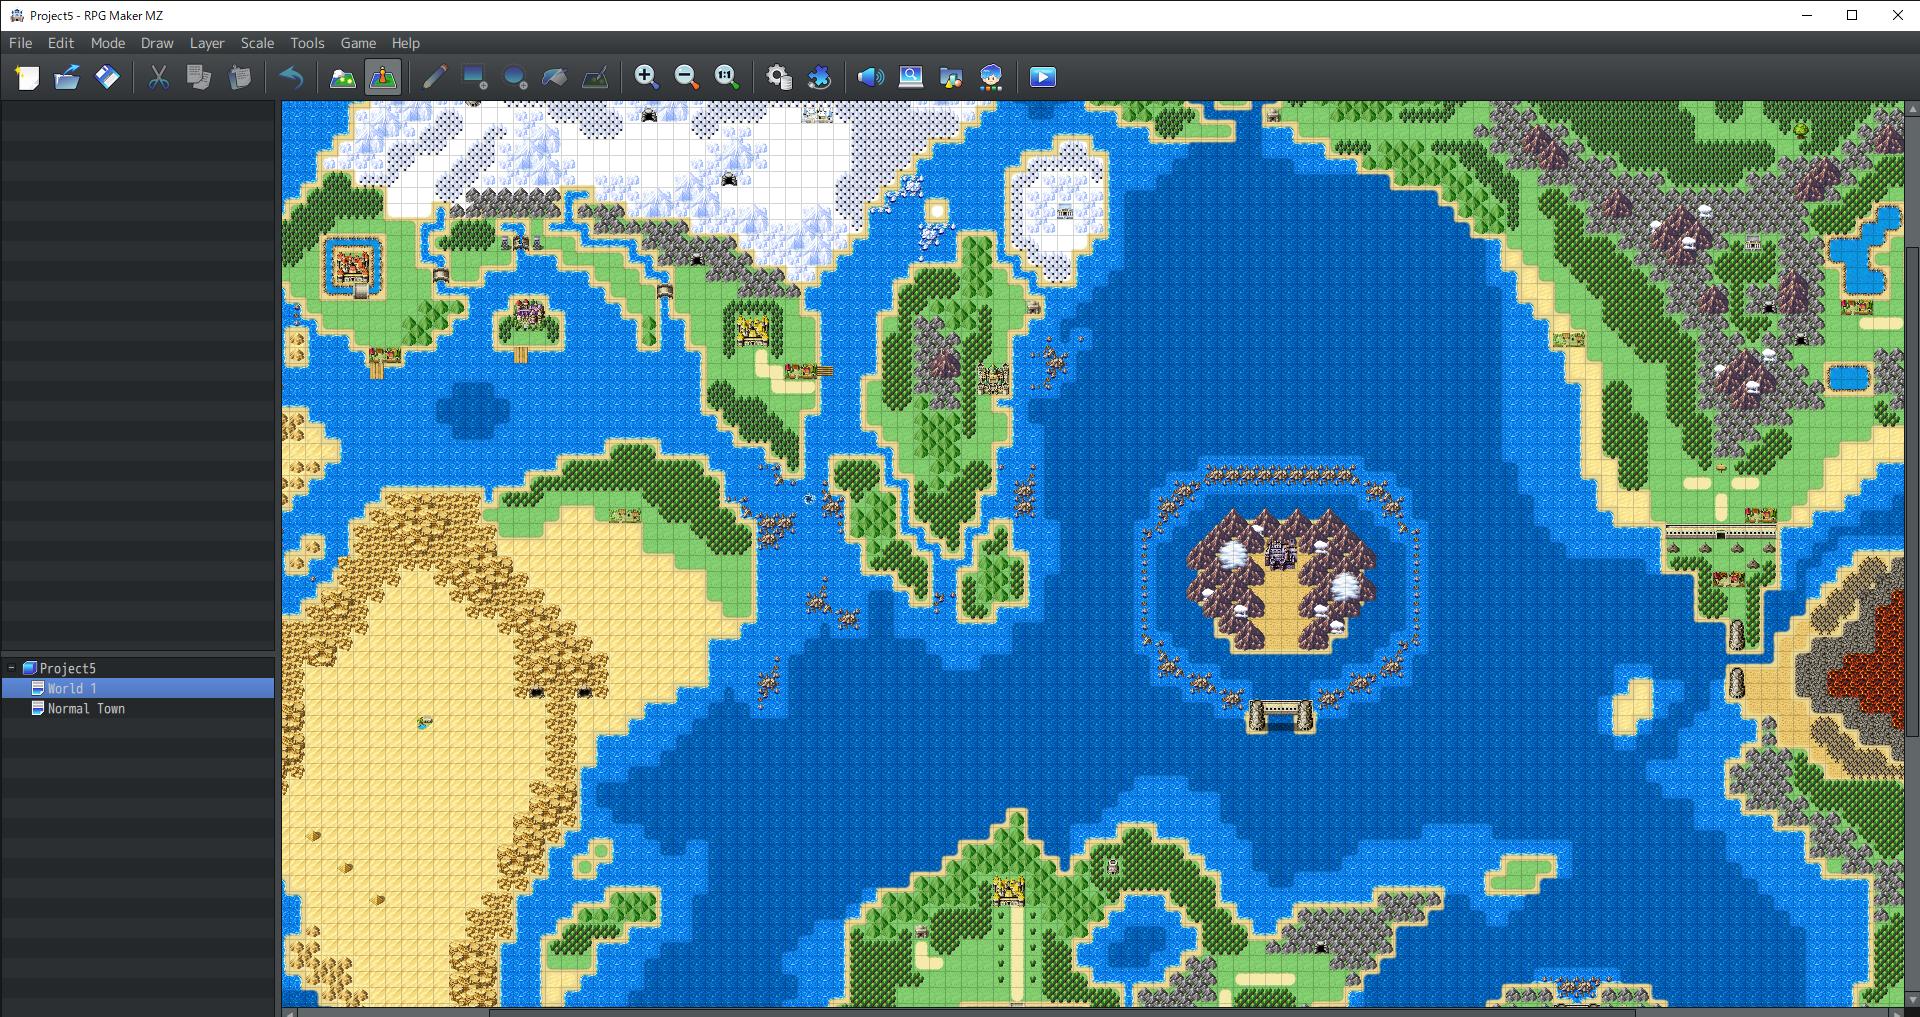 rpg-maker-mz-feature-map-editor-screenshot